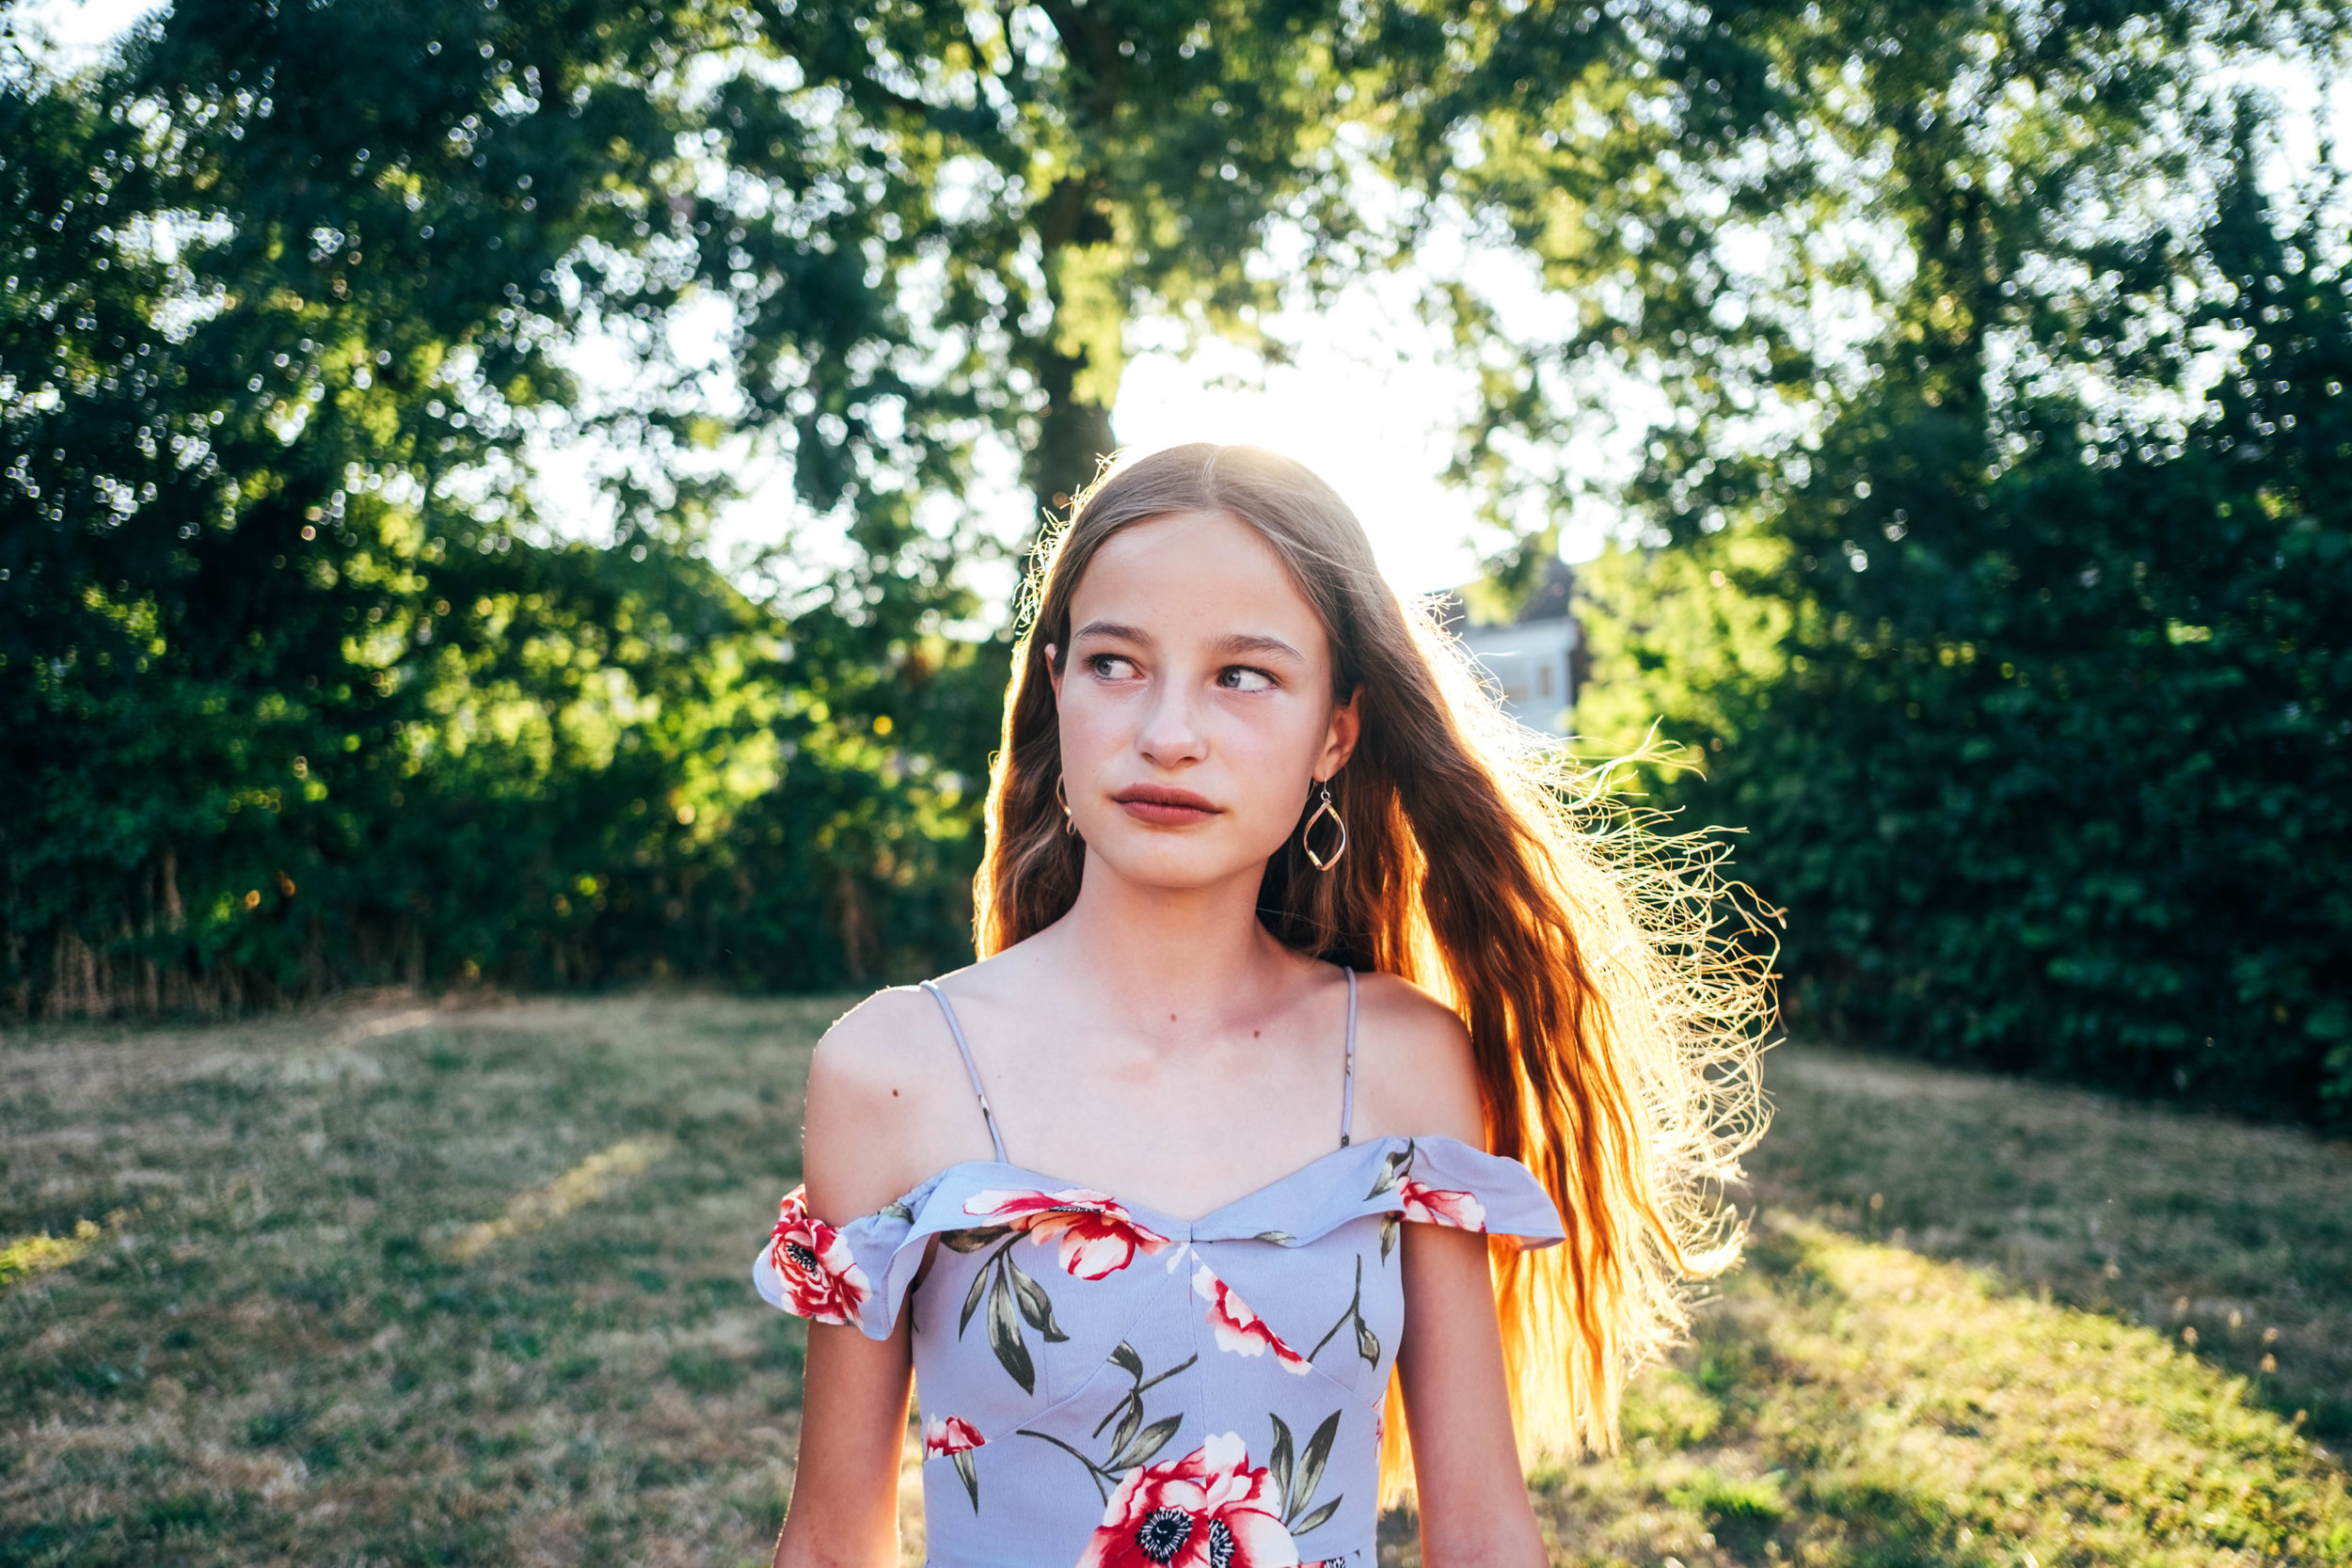 Tween girl in evening summer light